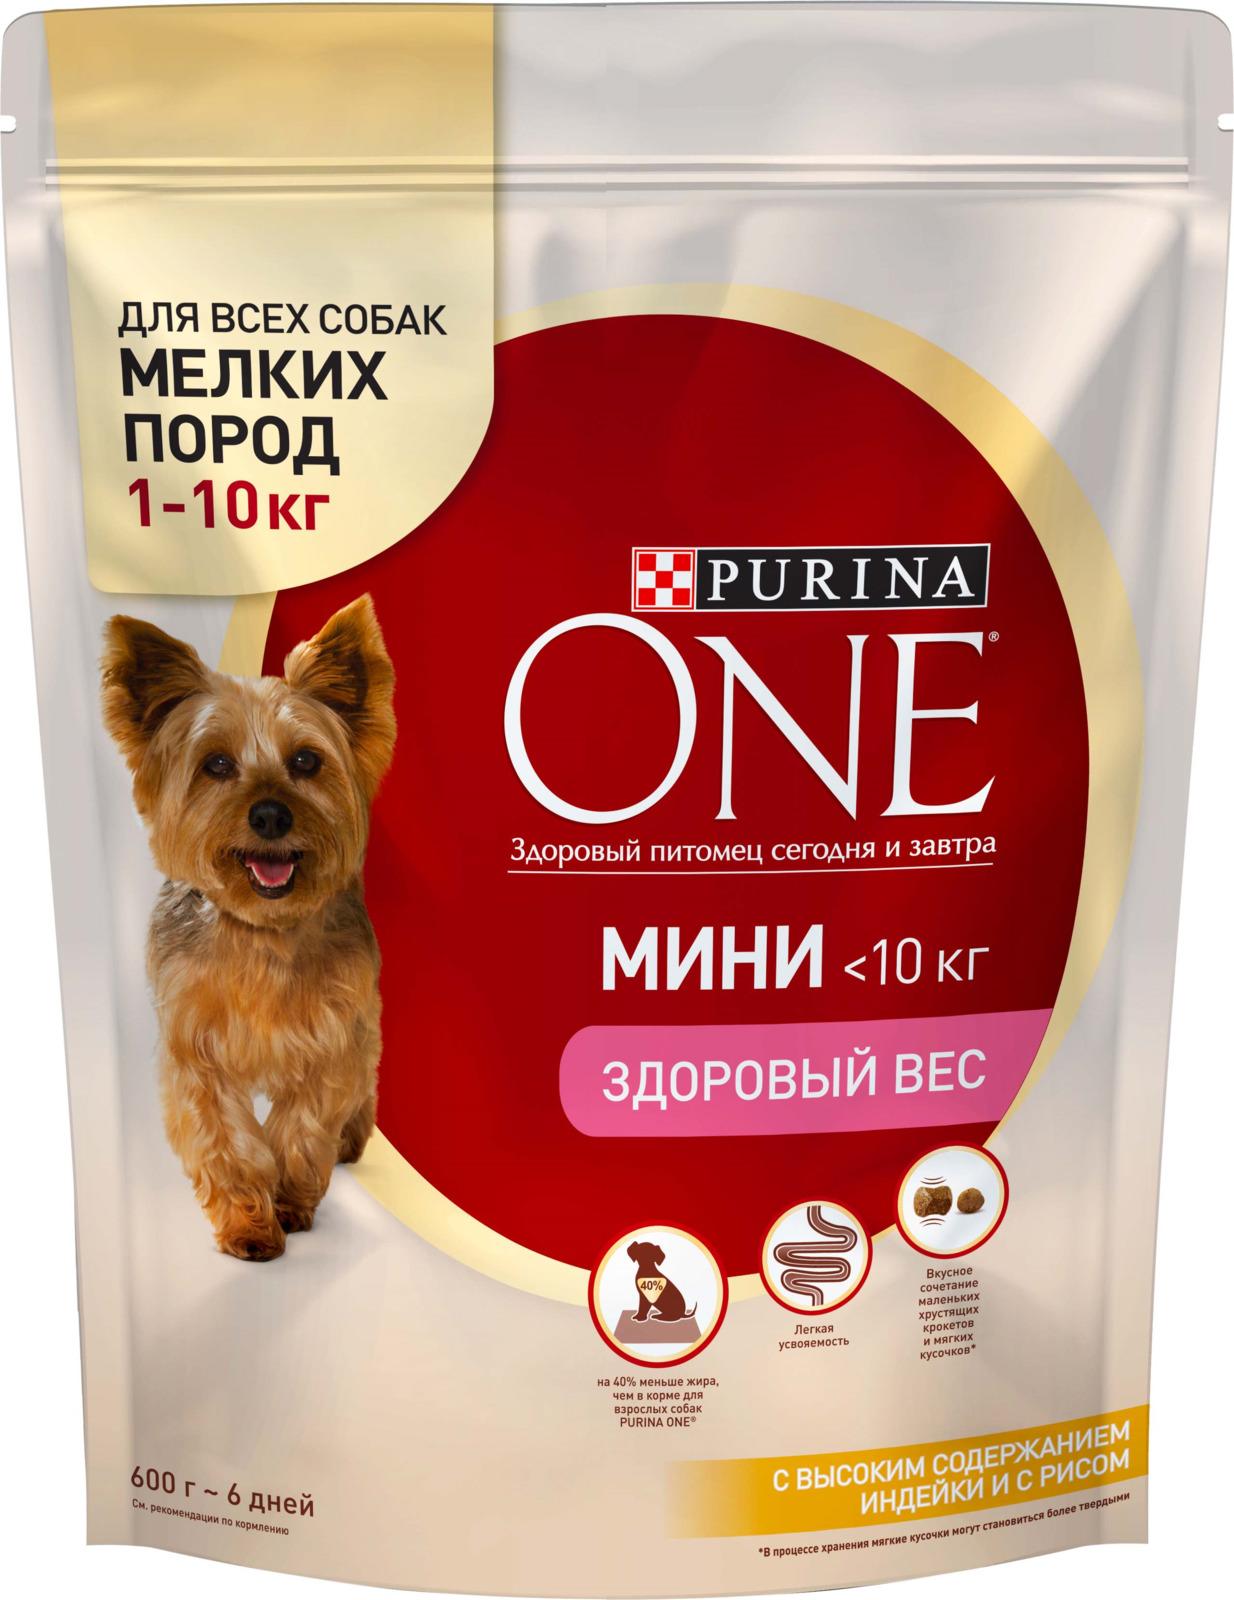 Сухой корм Purina One Мини Здоровый вес для собак мелких пород, индейка с рисом, 600 г